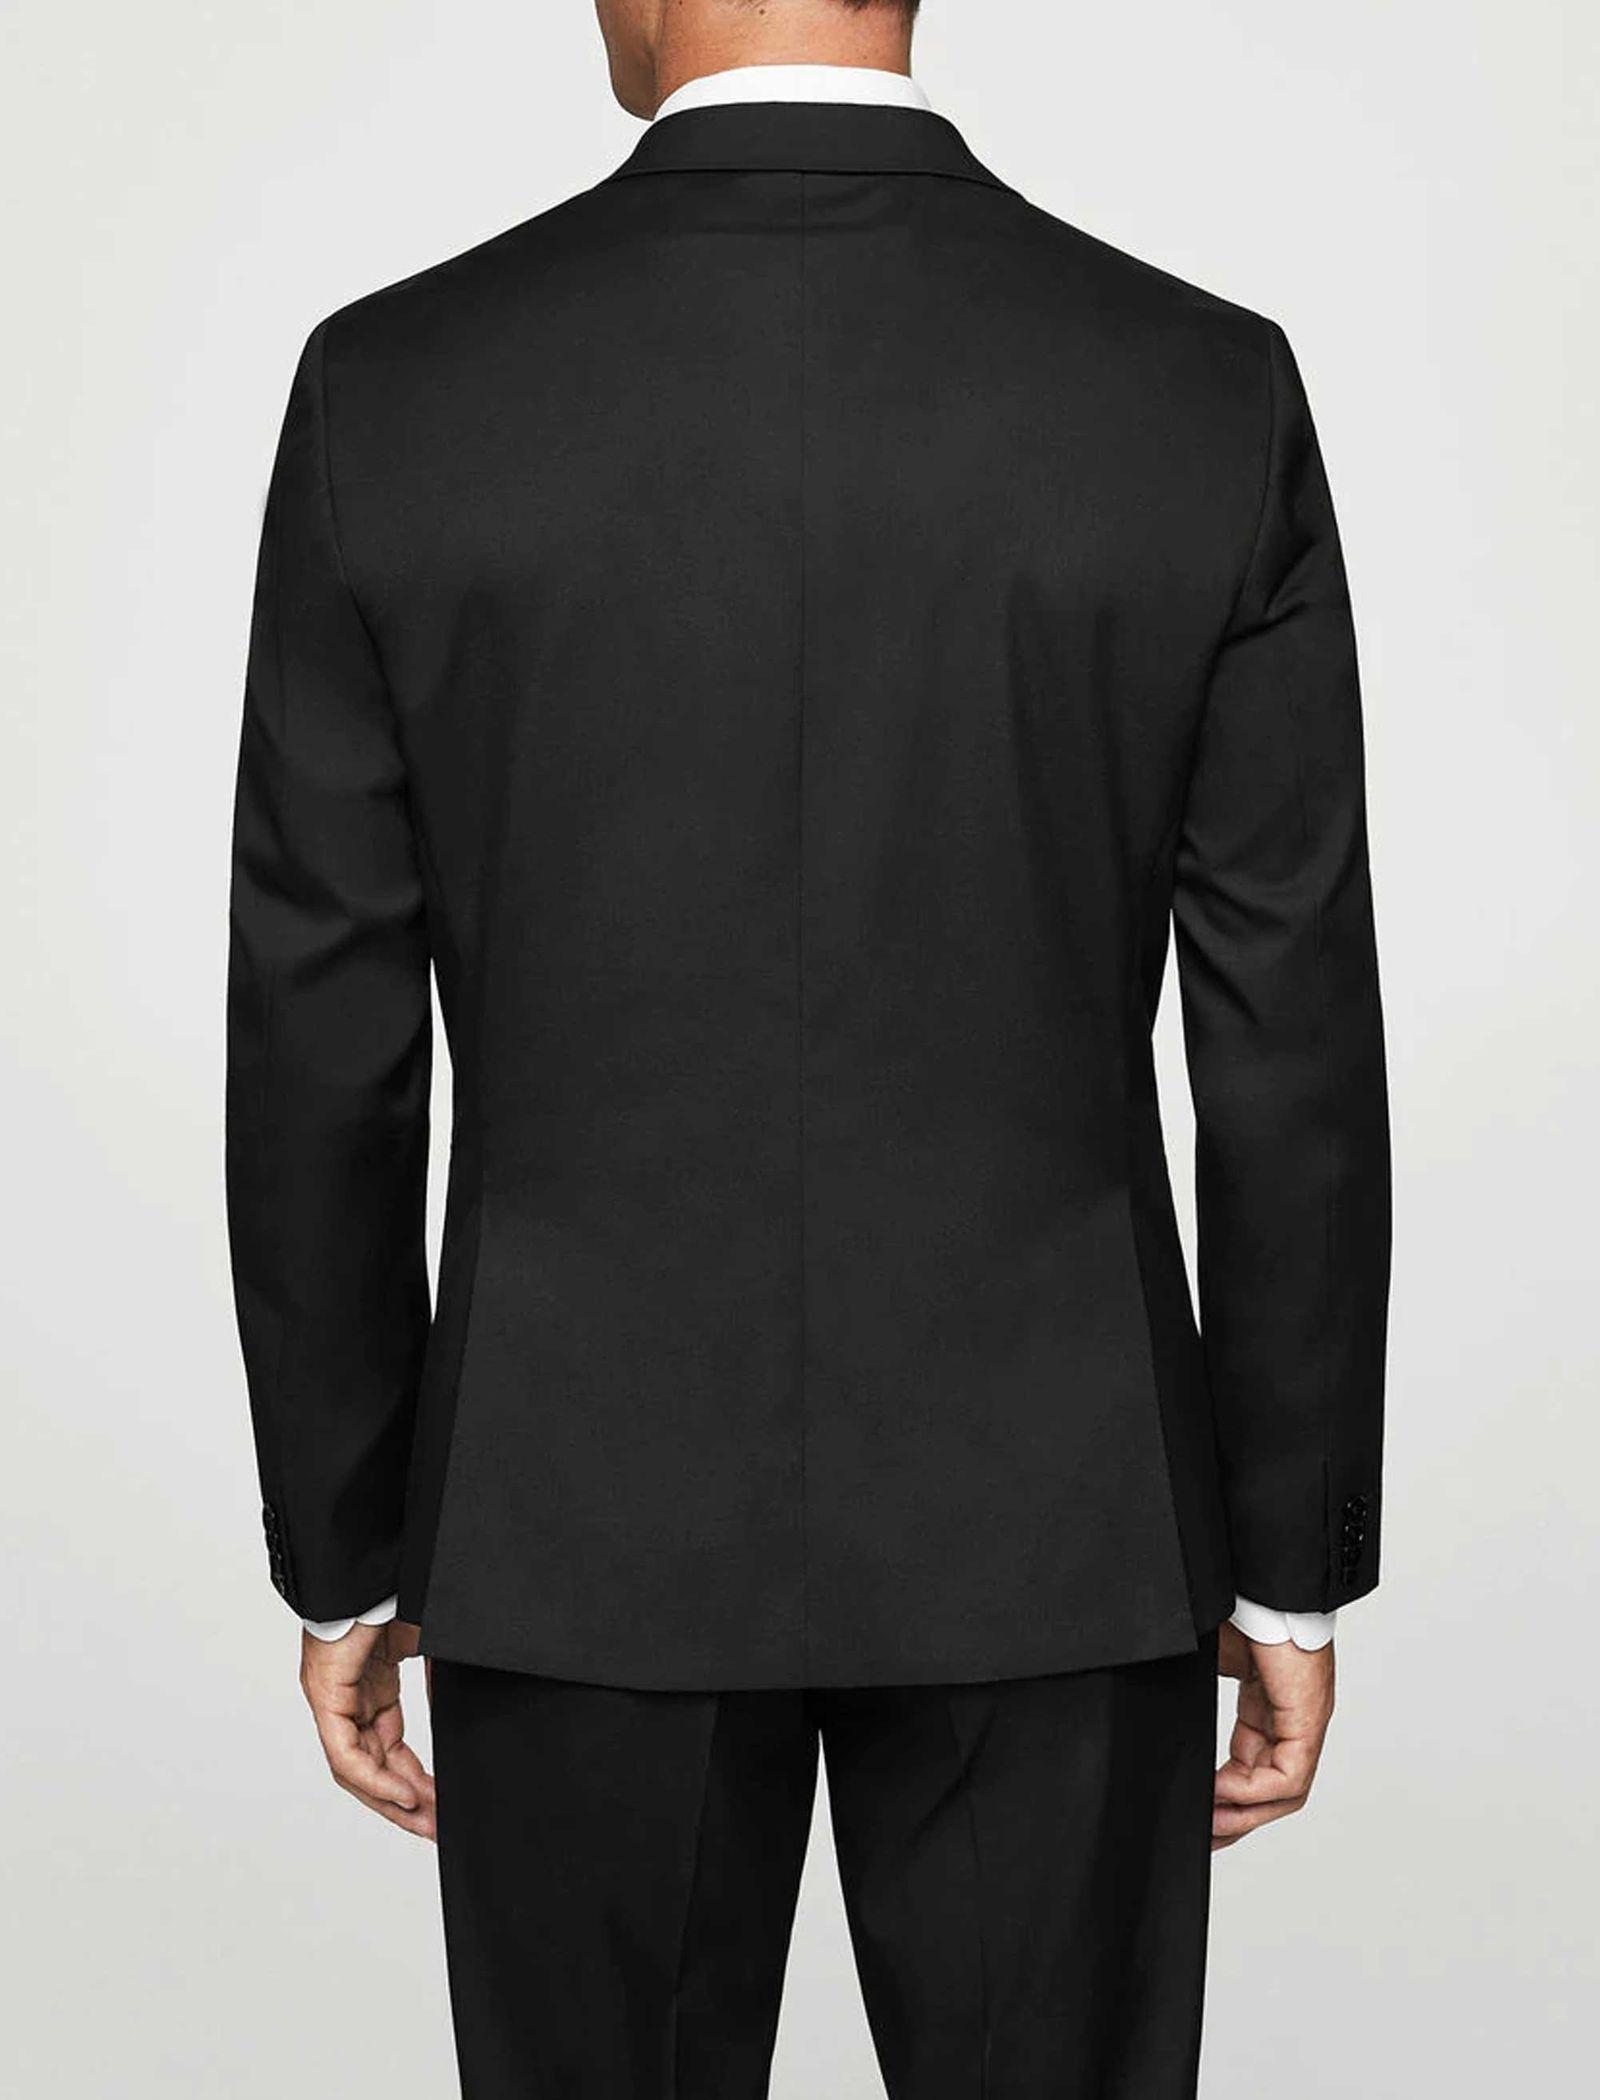 کت تک رسمی مردانه - مانگو - مشکي - 2